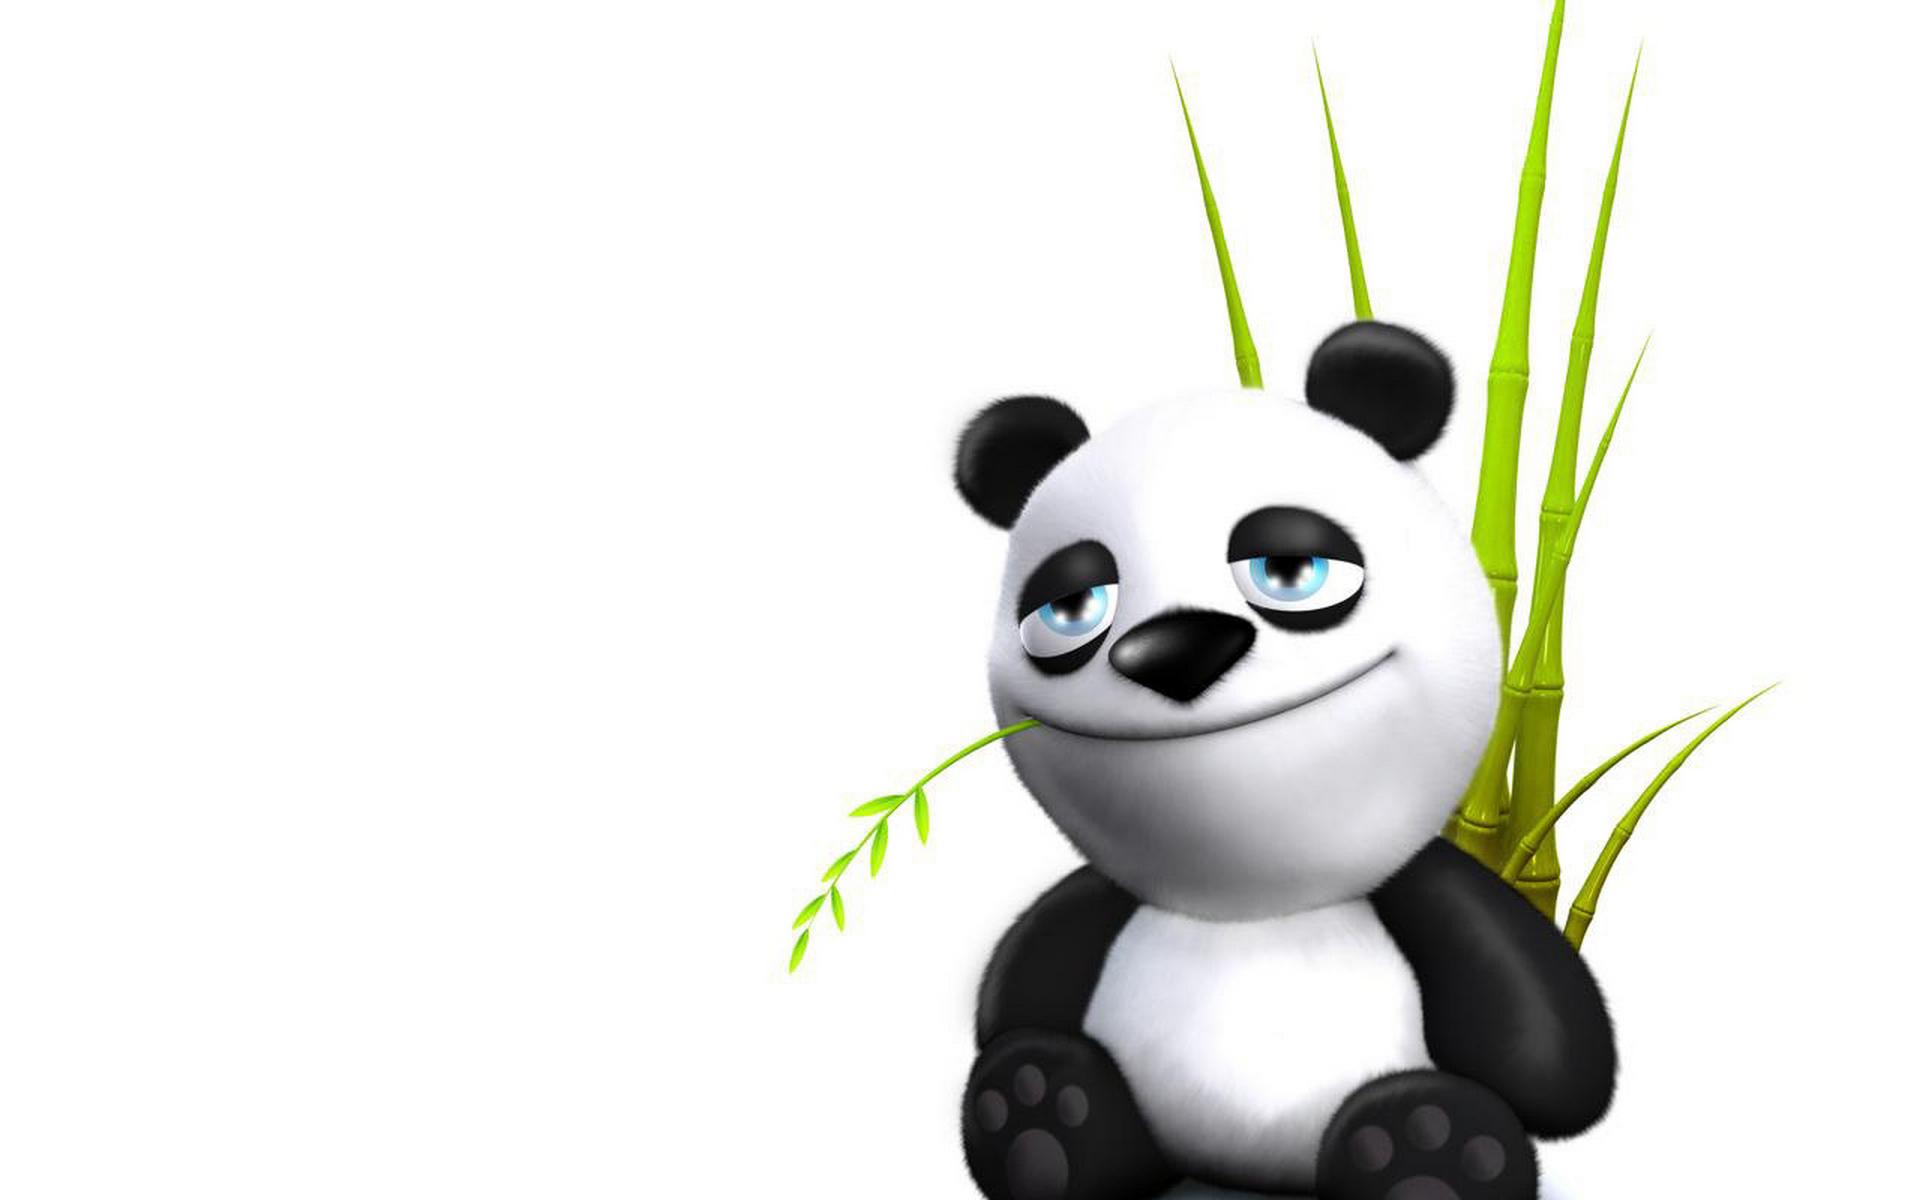 панда, морда, бамбук